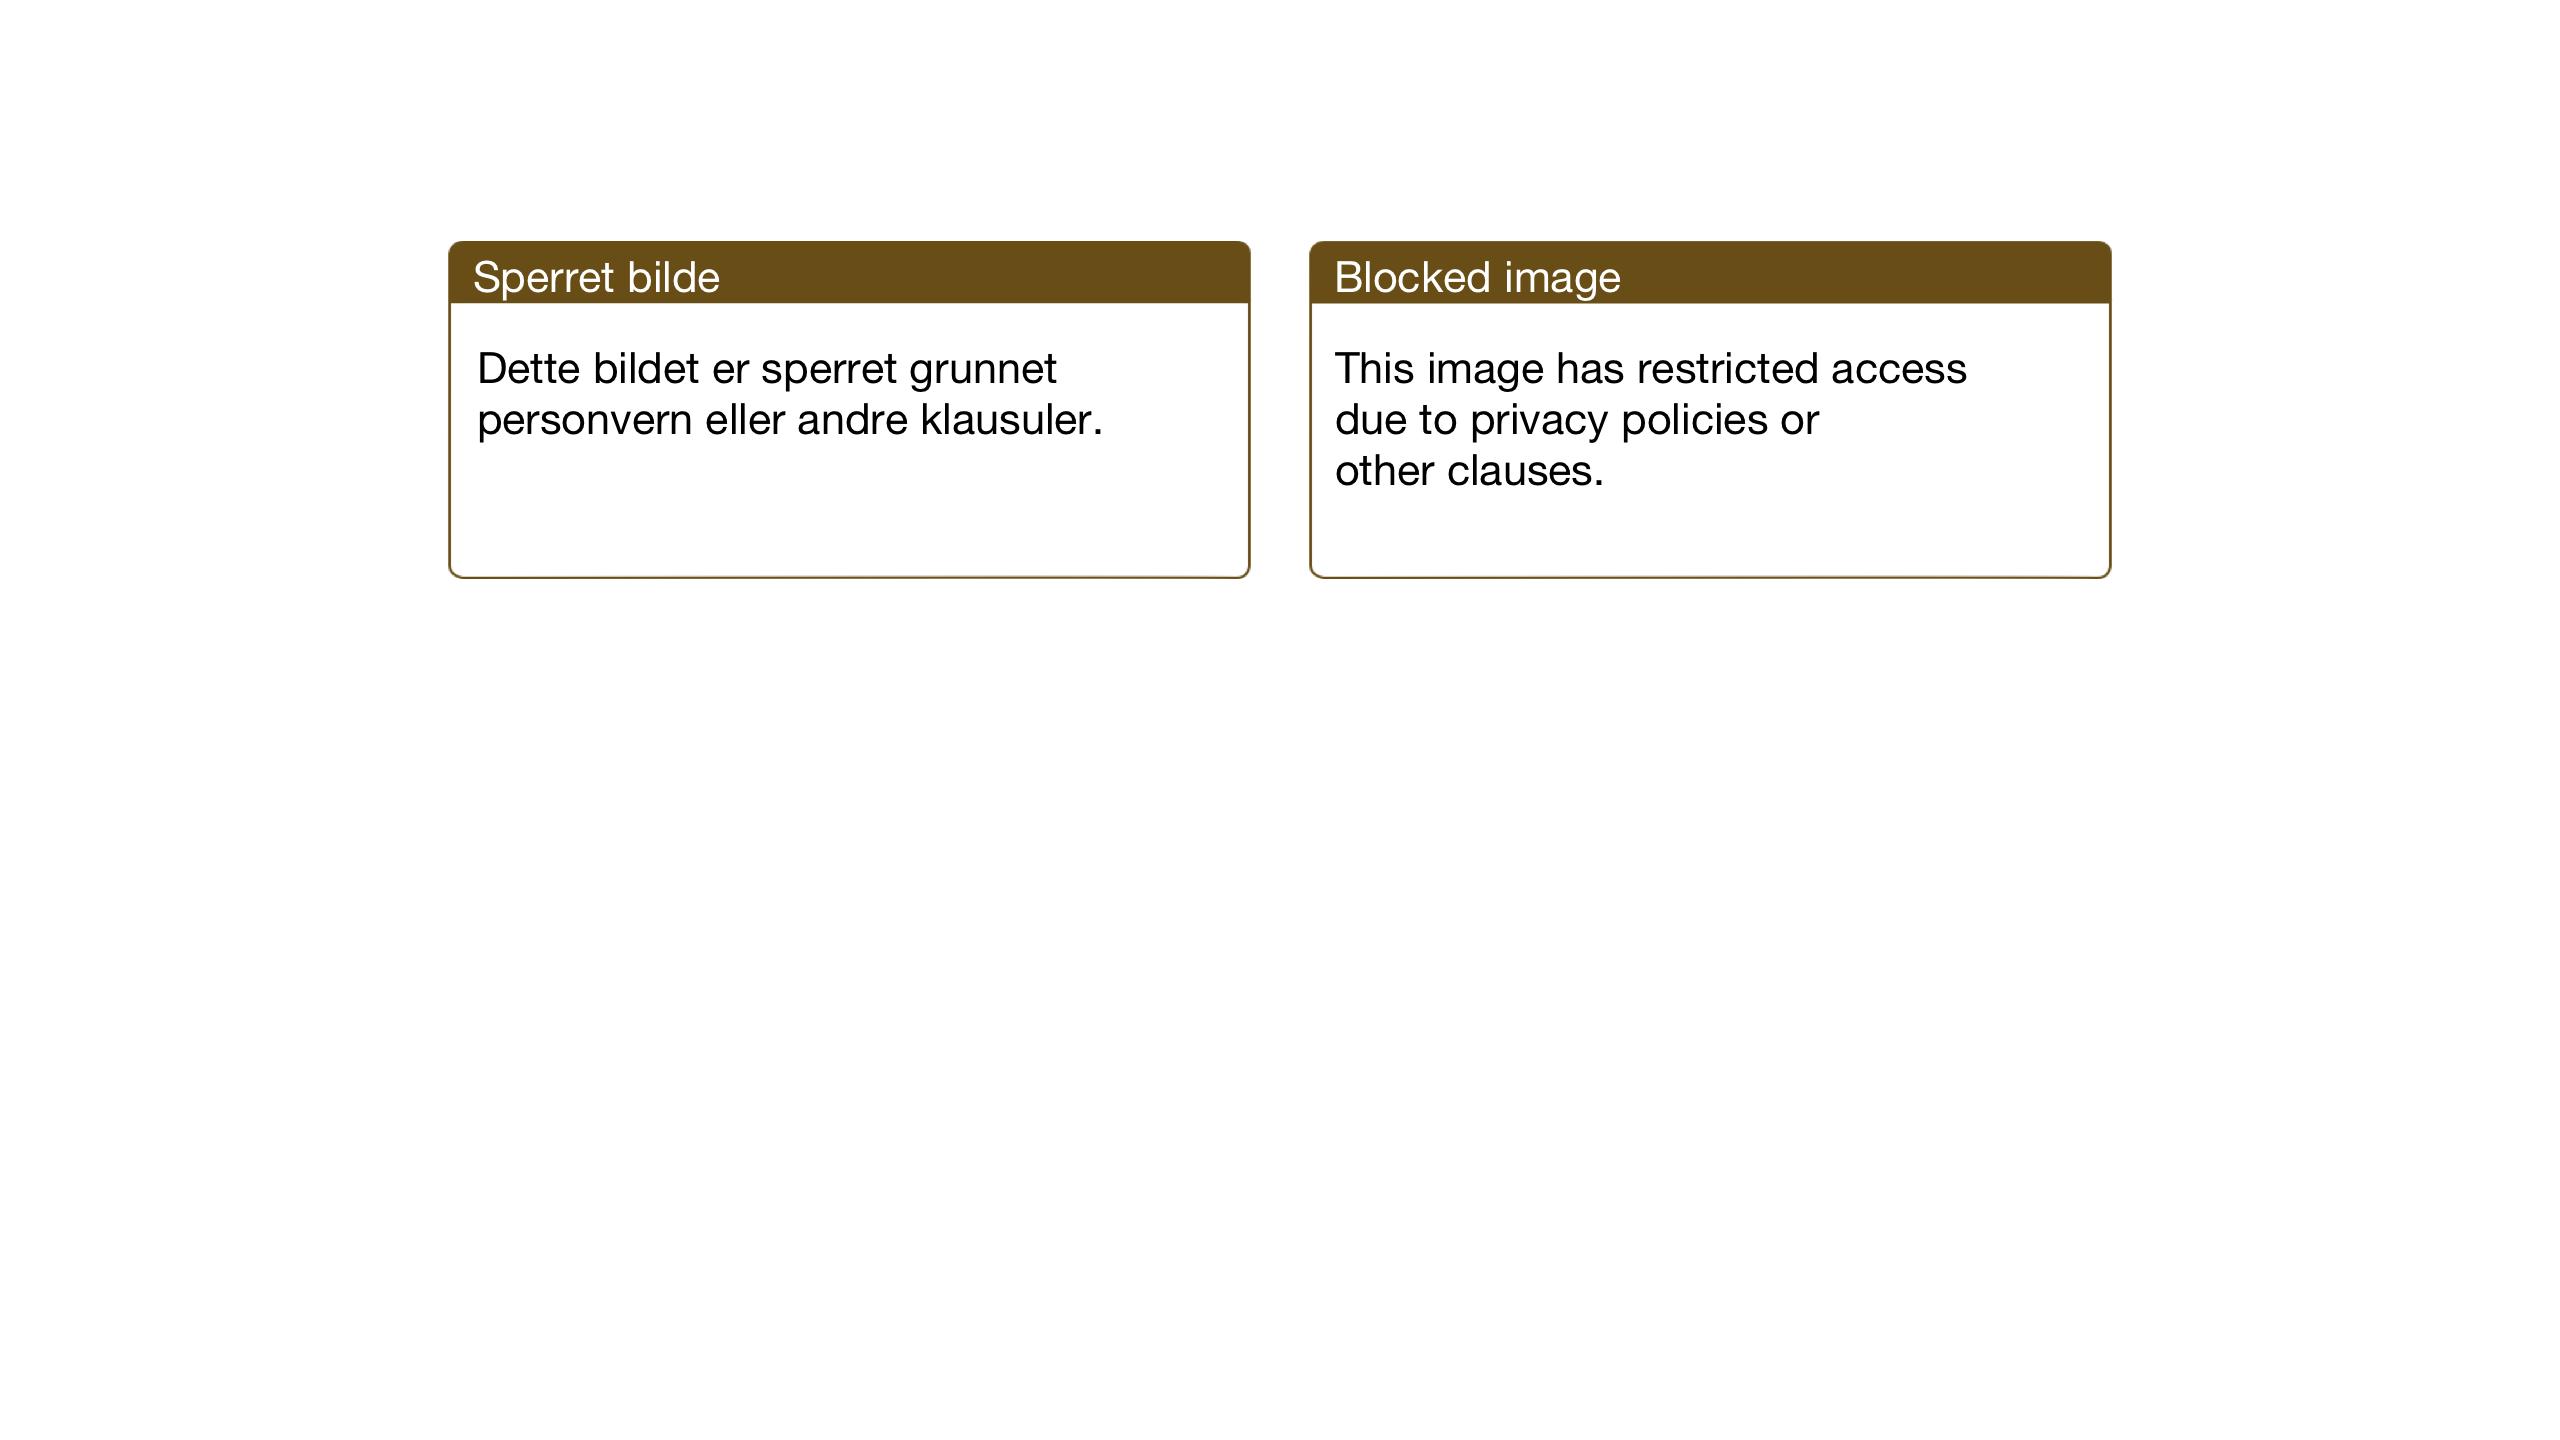 SAT, Ministerialprotokoller, klokkerbøker og fødselsregistre - Nord-Trøndelag, 714/L0136: Klokkerbok nr. 714C05, 1918-1957, s. 219